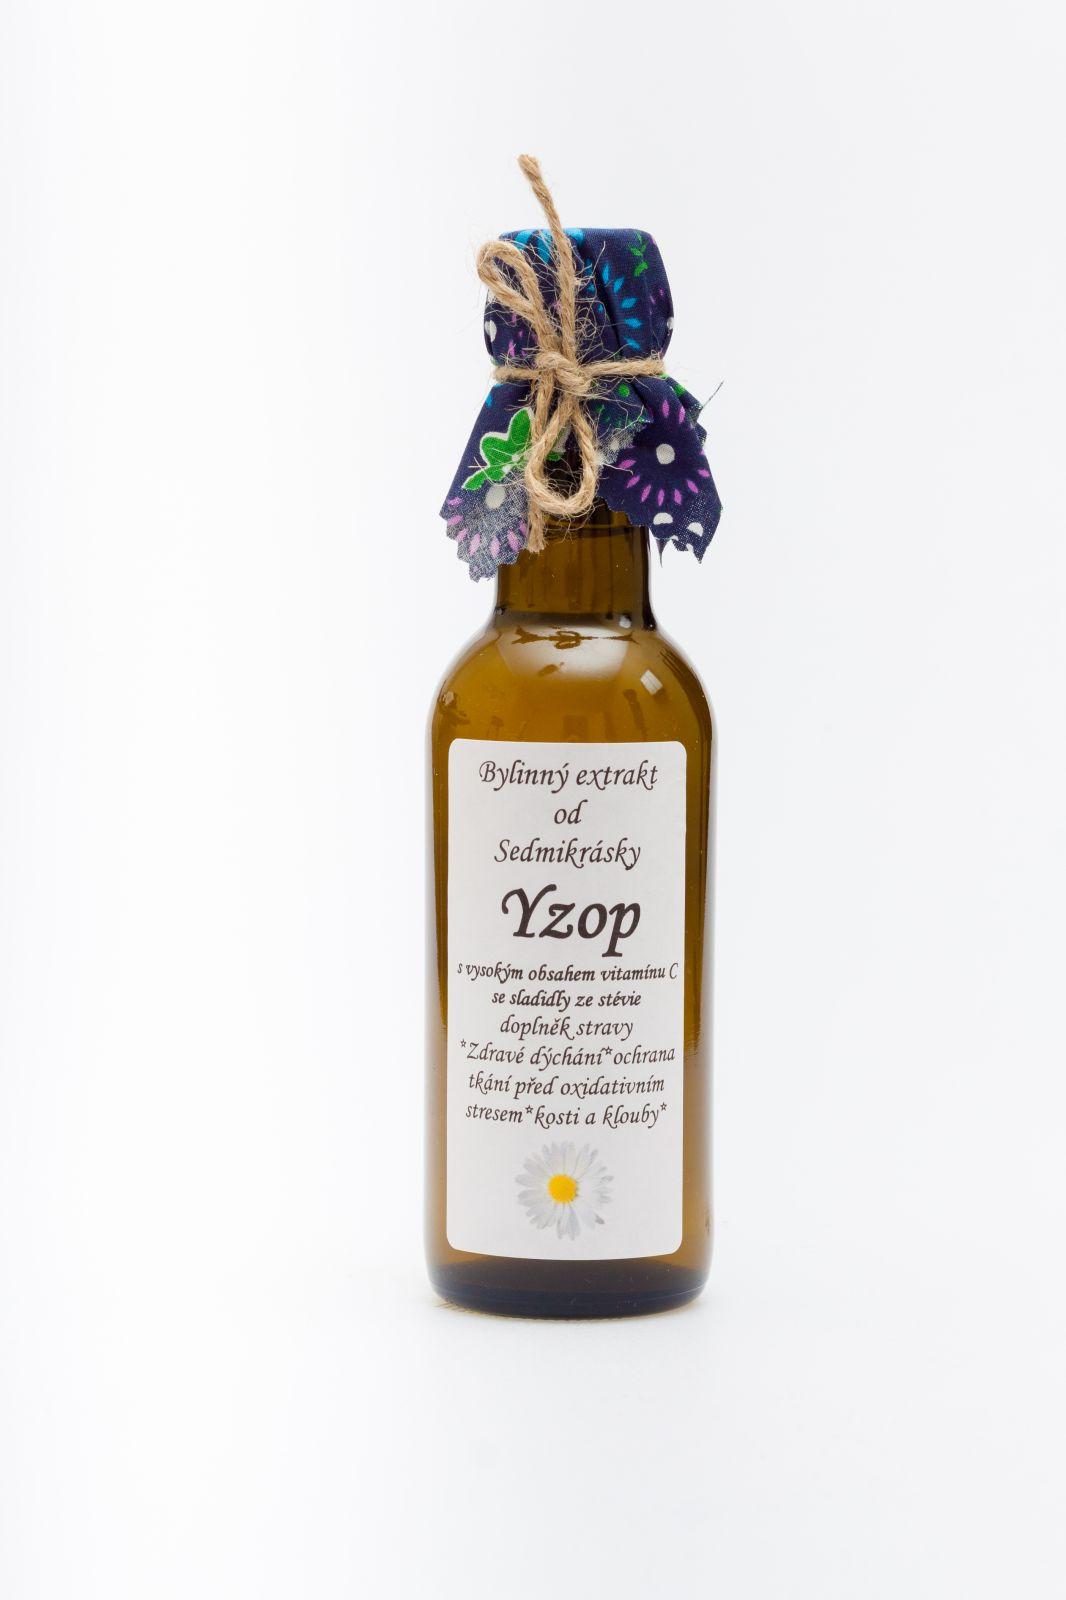 Sedmikráska bylinný extrakt Yzop s anýzem 250ml zdravé dýchanie, ochrana tkanív pred oxidatívnym stresom, kosti a kĺby, vitalita, trávenie, nadúvanie Rodinná farma Sedmikráska